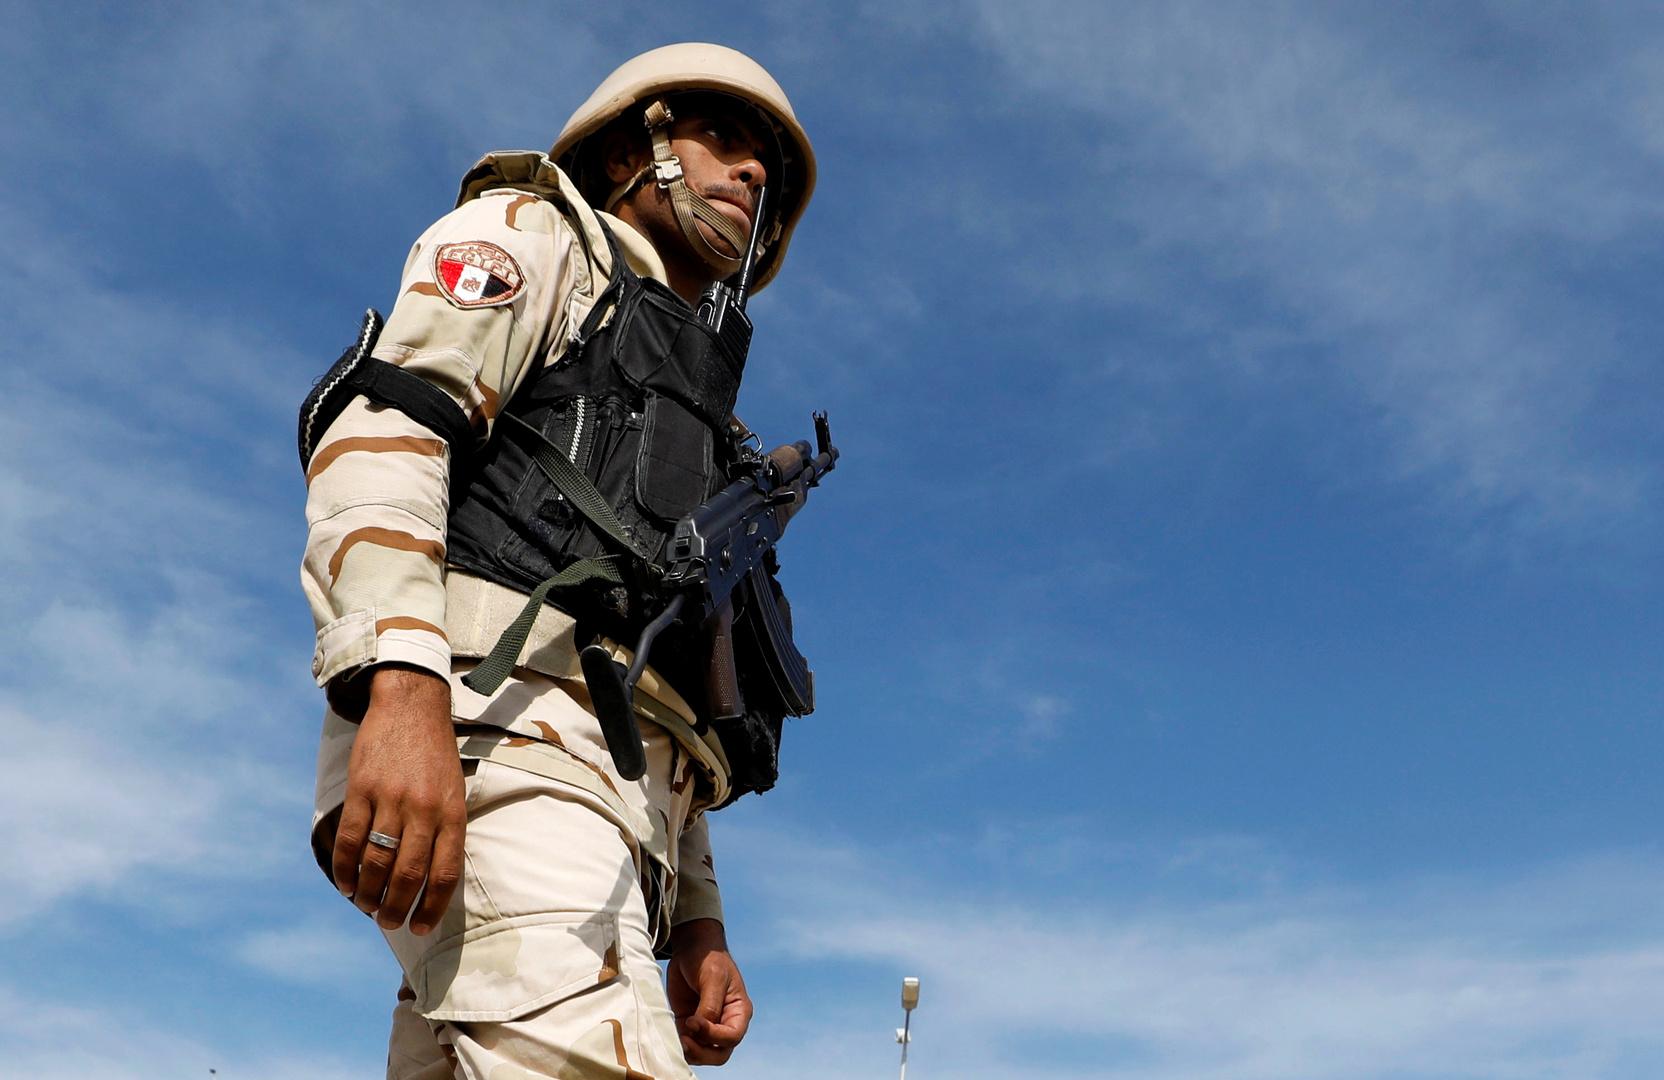 كيف يحمي الجيش المصري مدنية الدولة؟